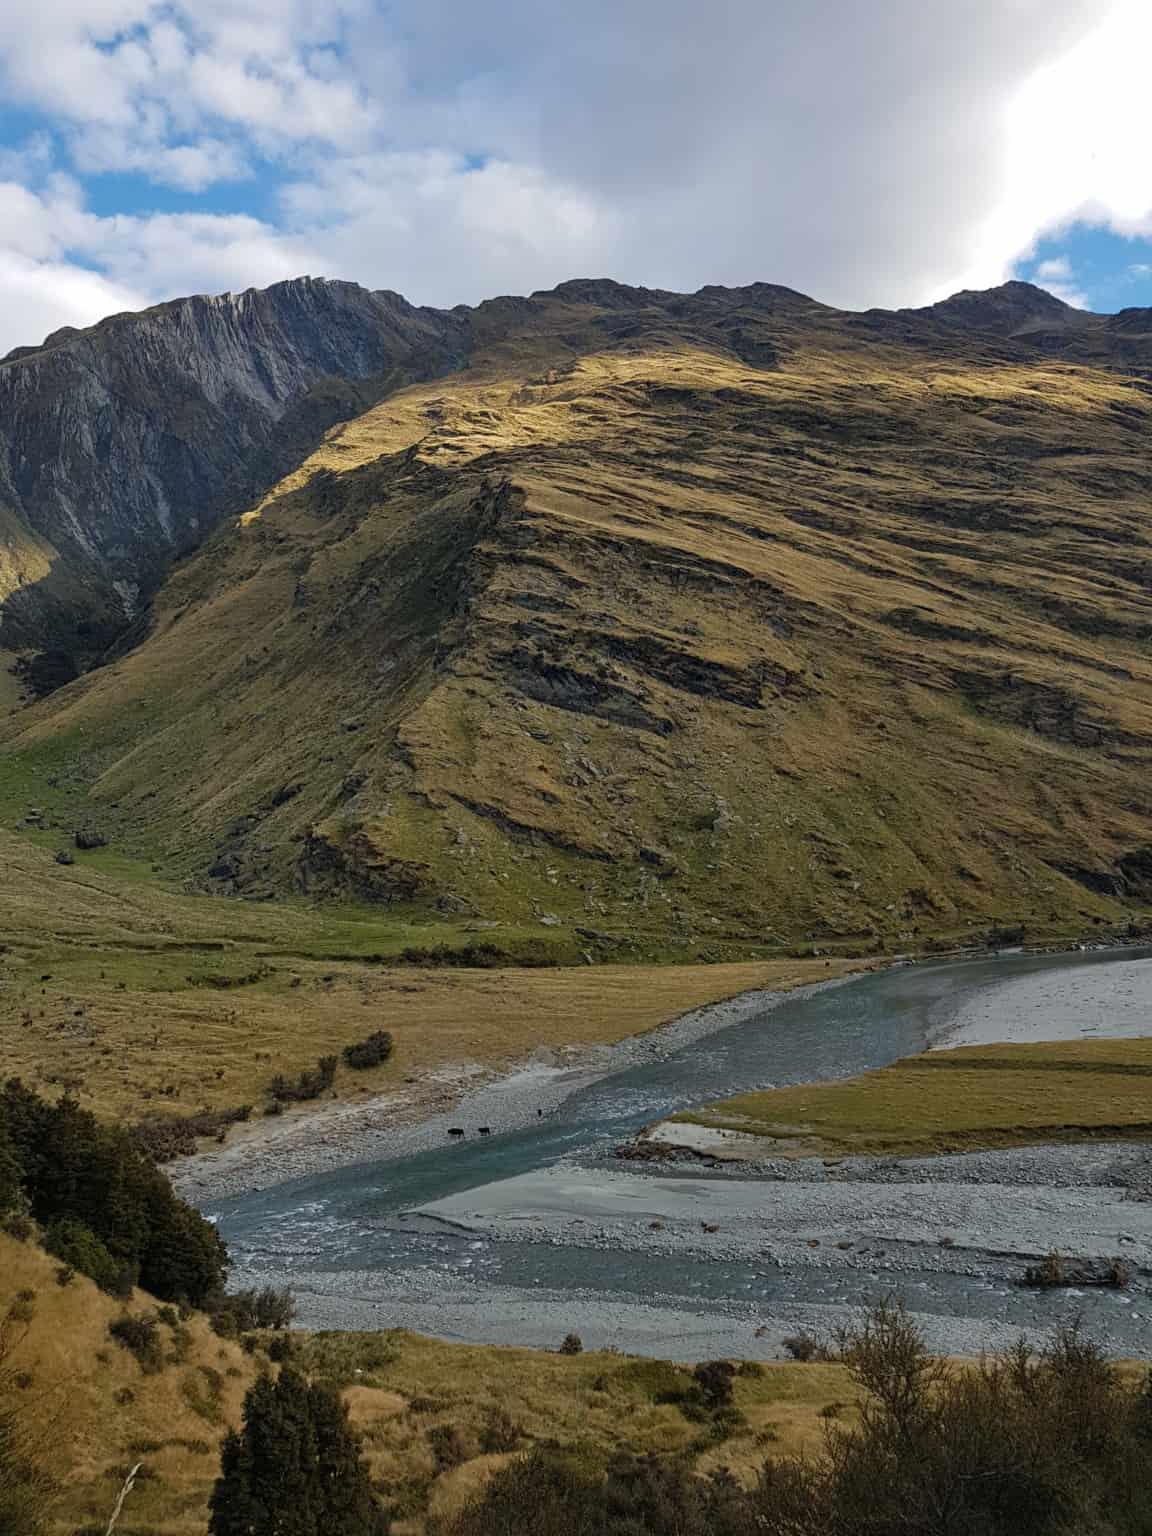 Nouvelle-Zélande, randonnée vers le Rob Roy Glacier et son sommet enneigé ❄ 20